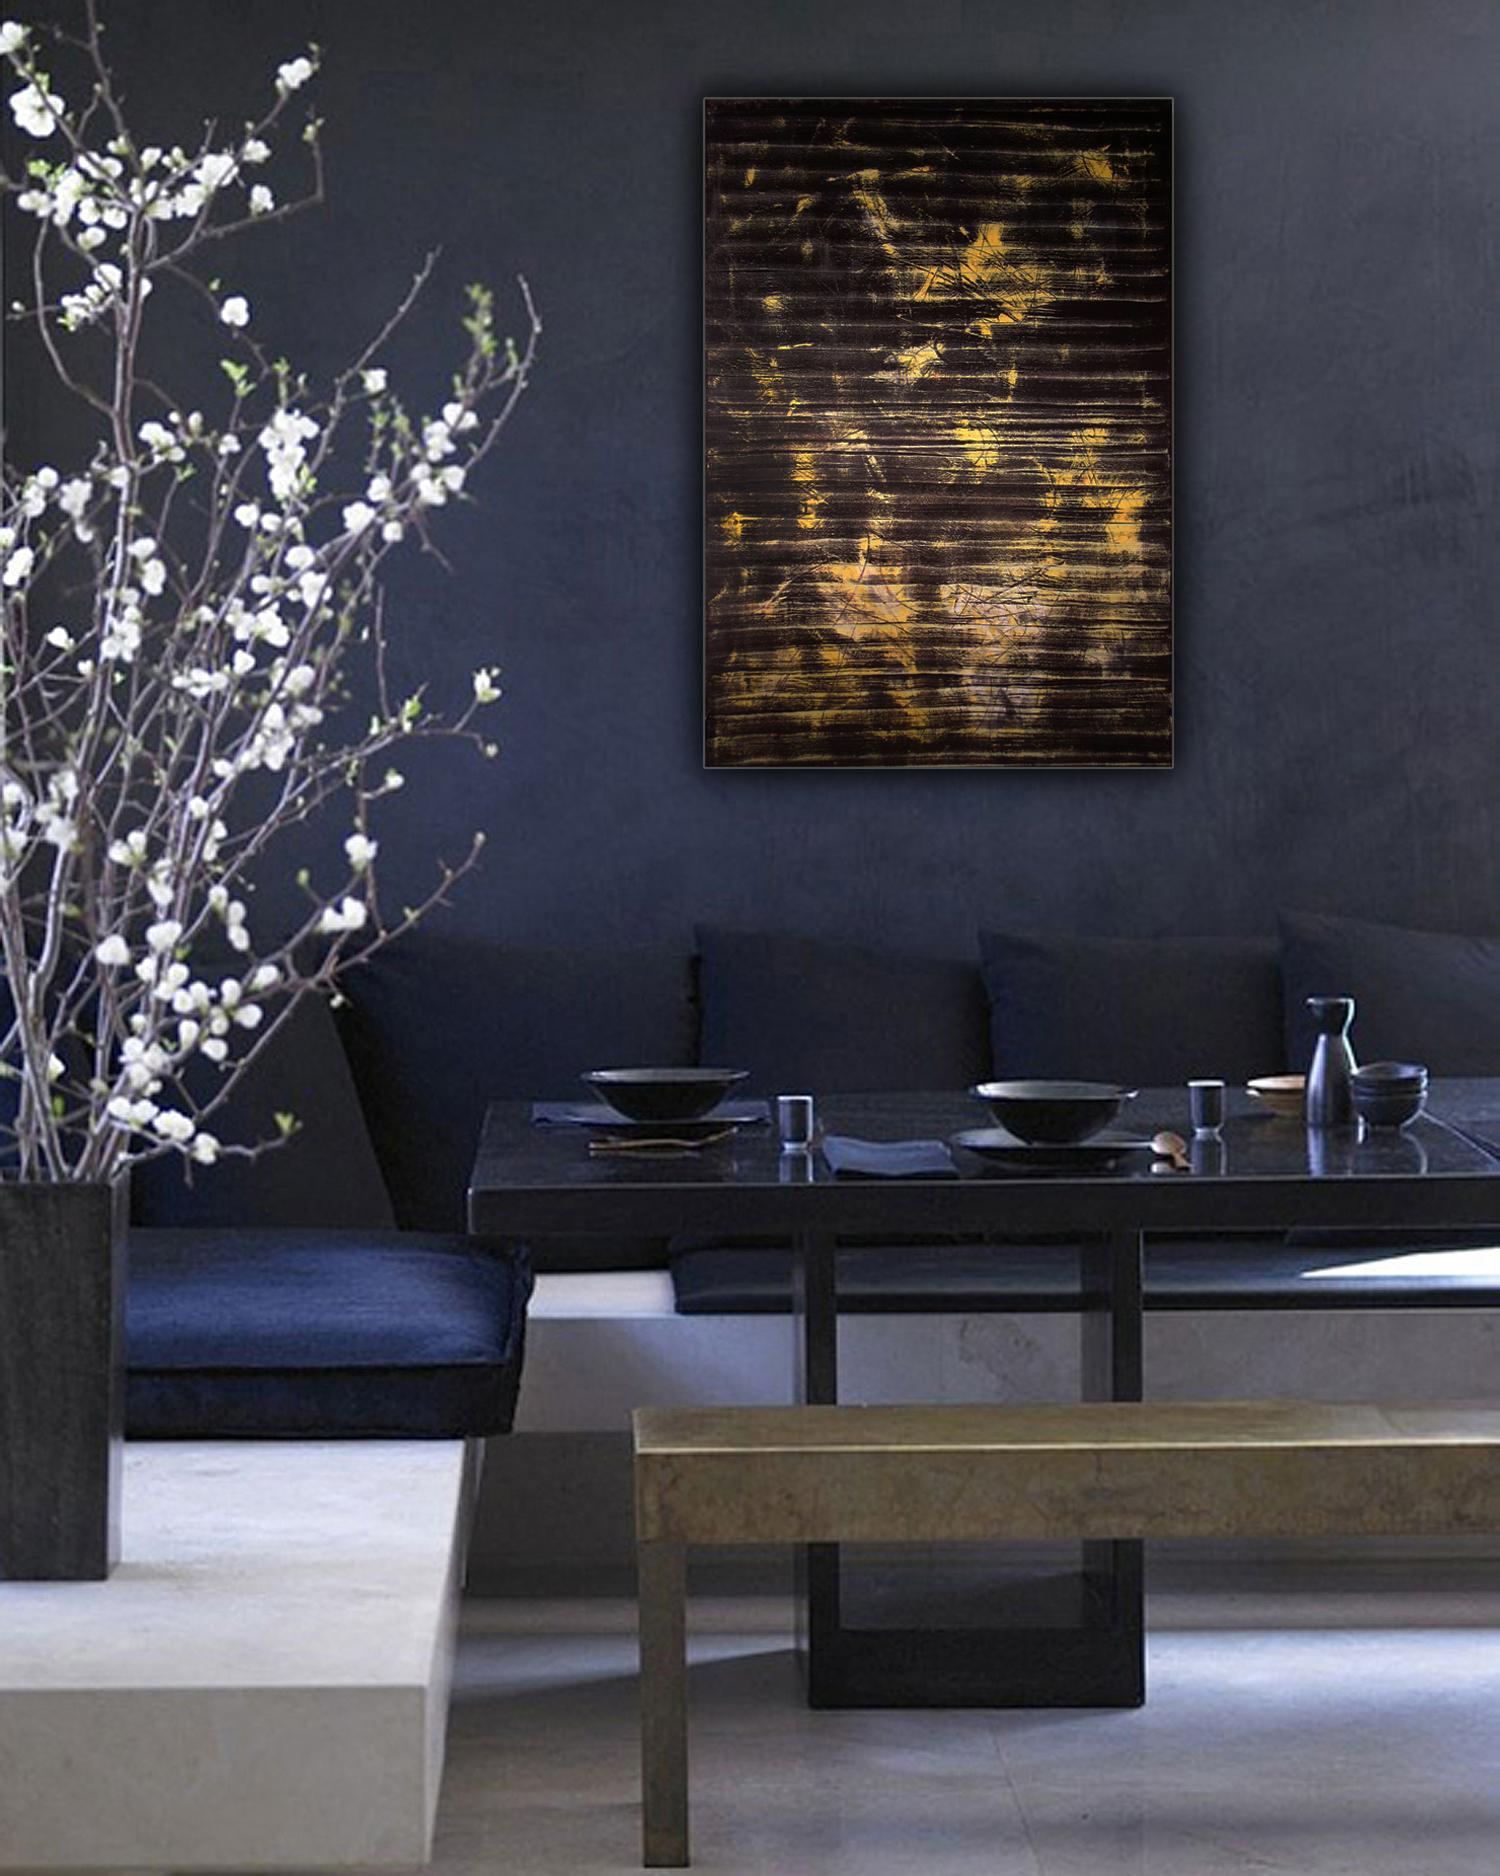 interior-shining_v21500x1500